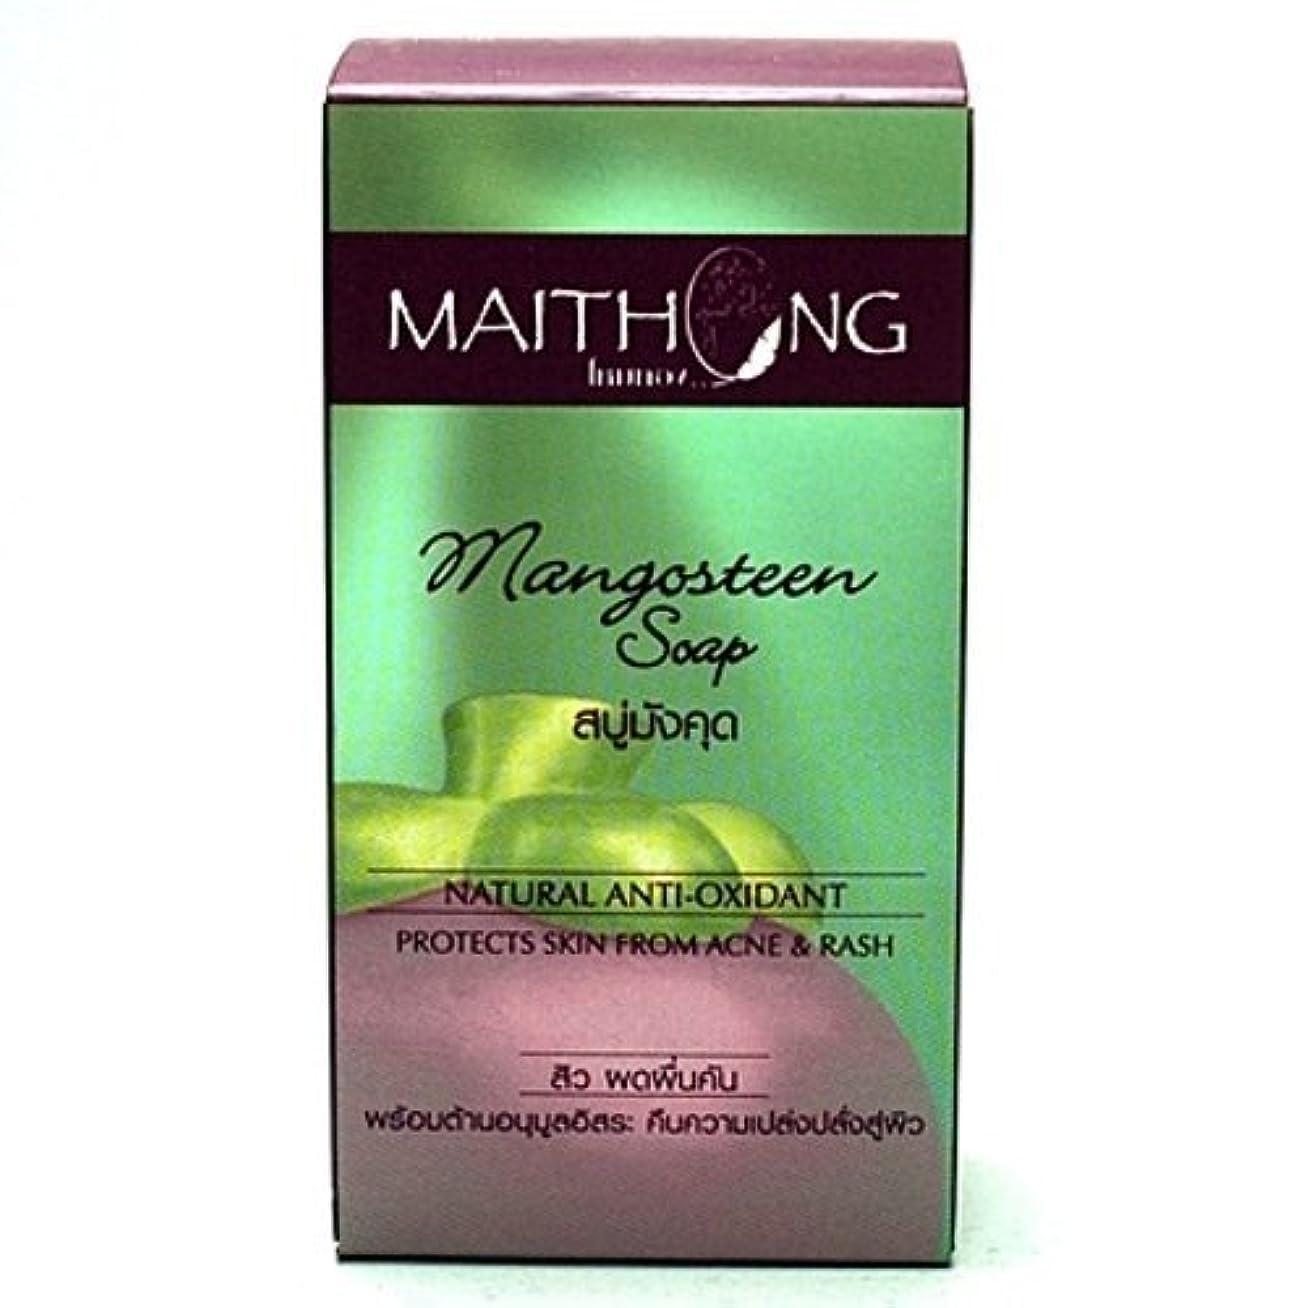 無知公爵夫人フェードアウトMangosteen Soap Face and Body Wash Acne Rash Black Spot Spa Facial Soap Bar Natural Herb Scent by Maithong